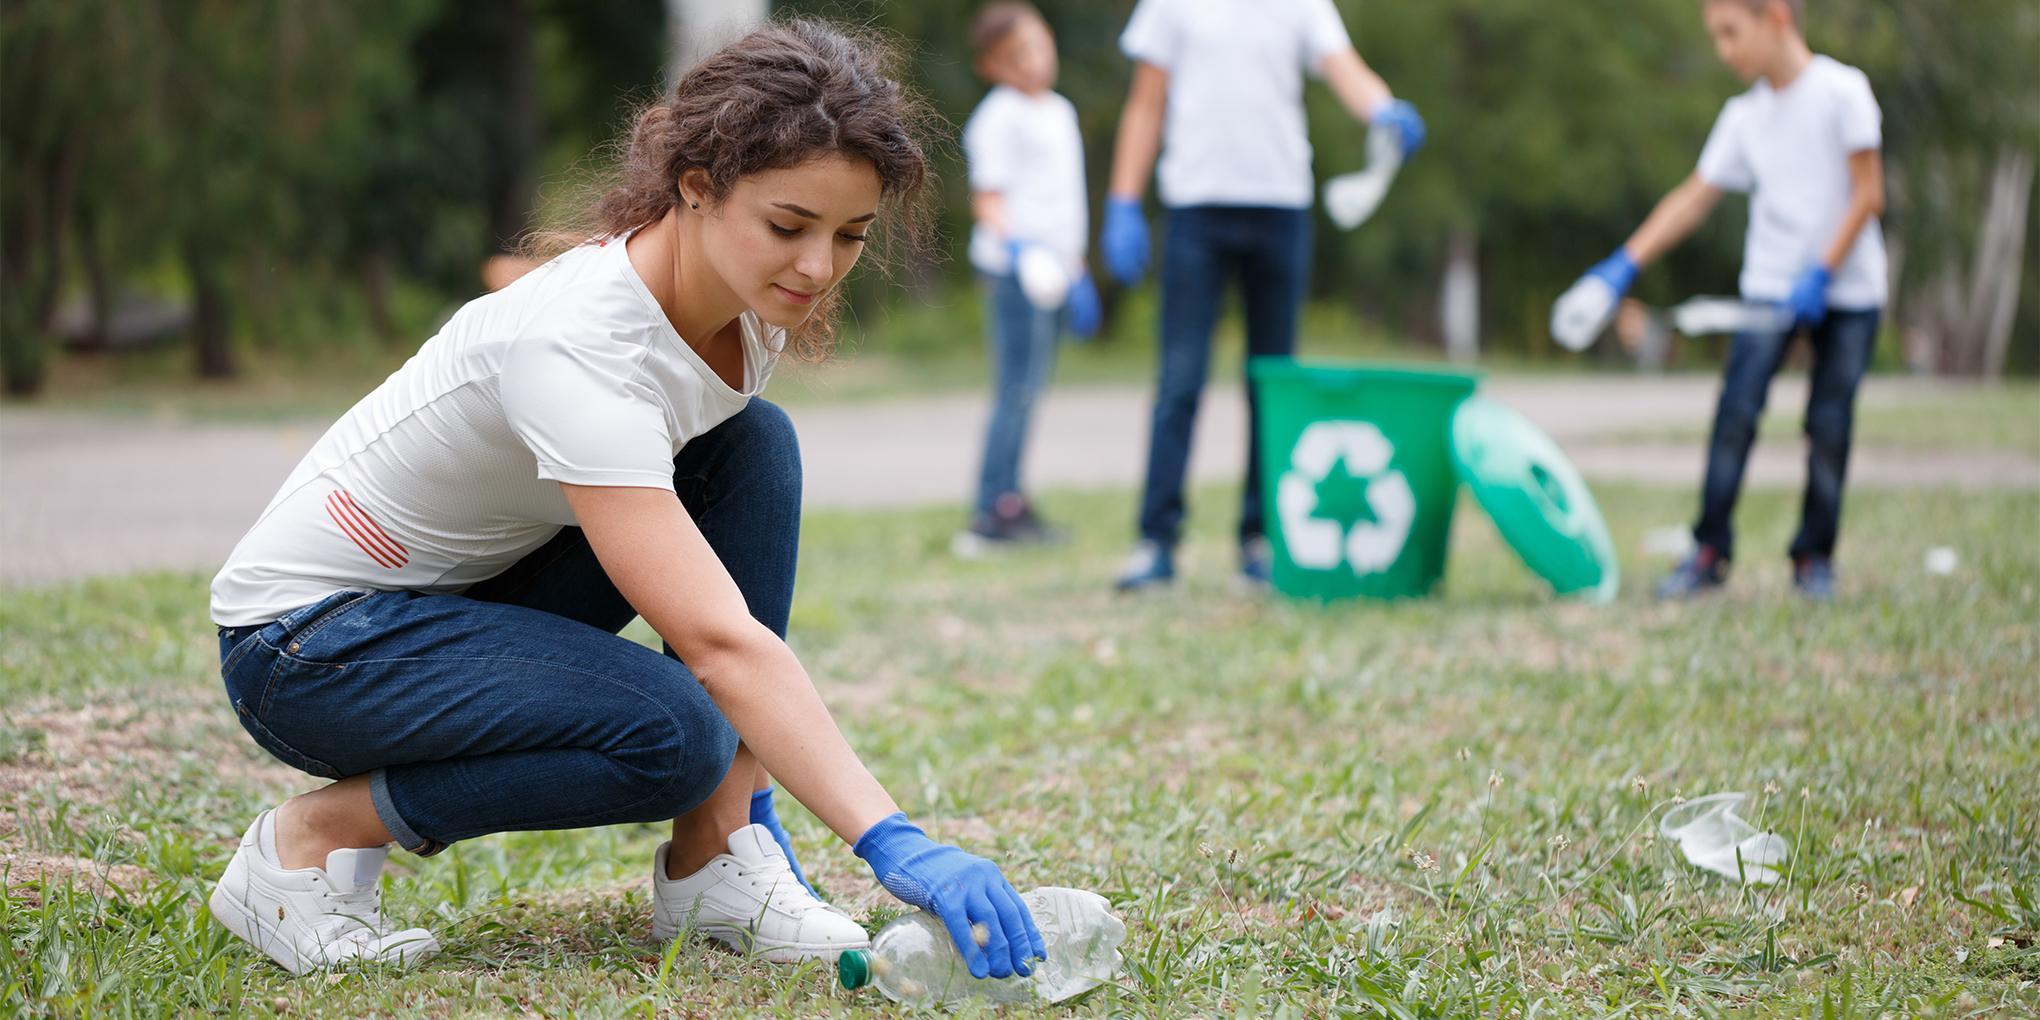 actie van het verzamelen van plastic flessen met meerdere mensen.